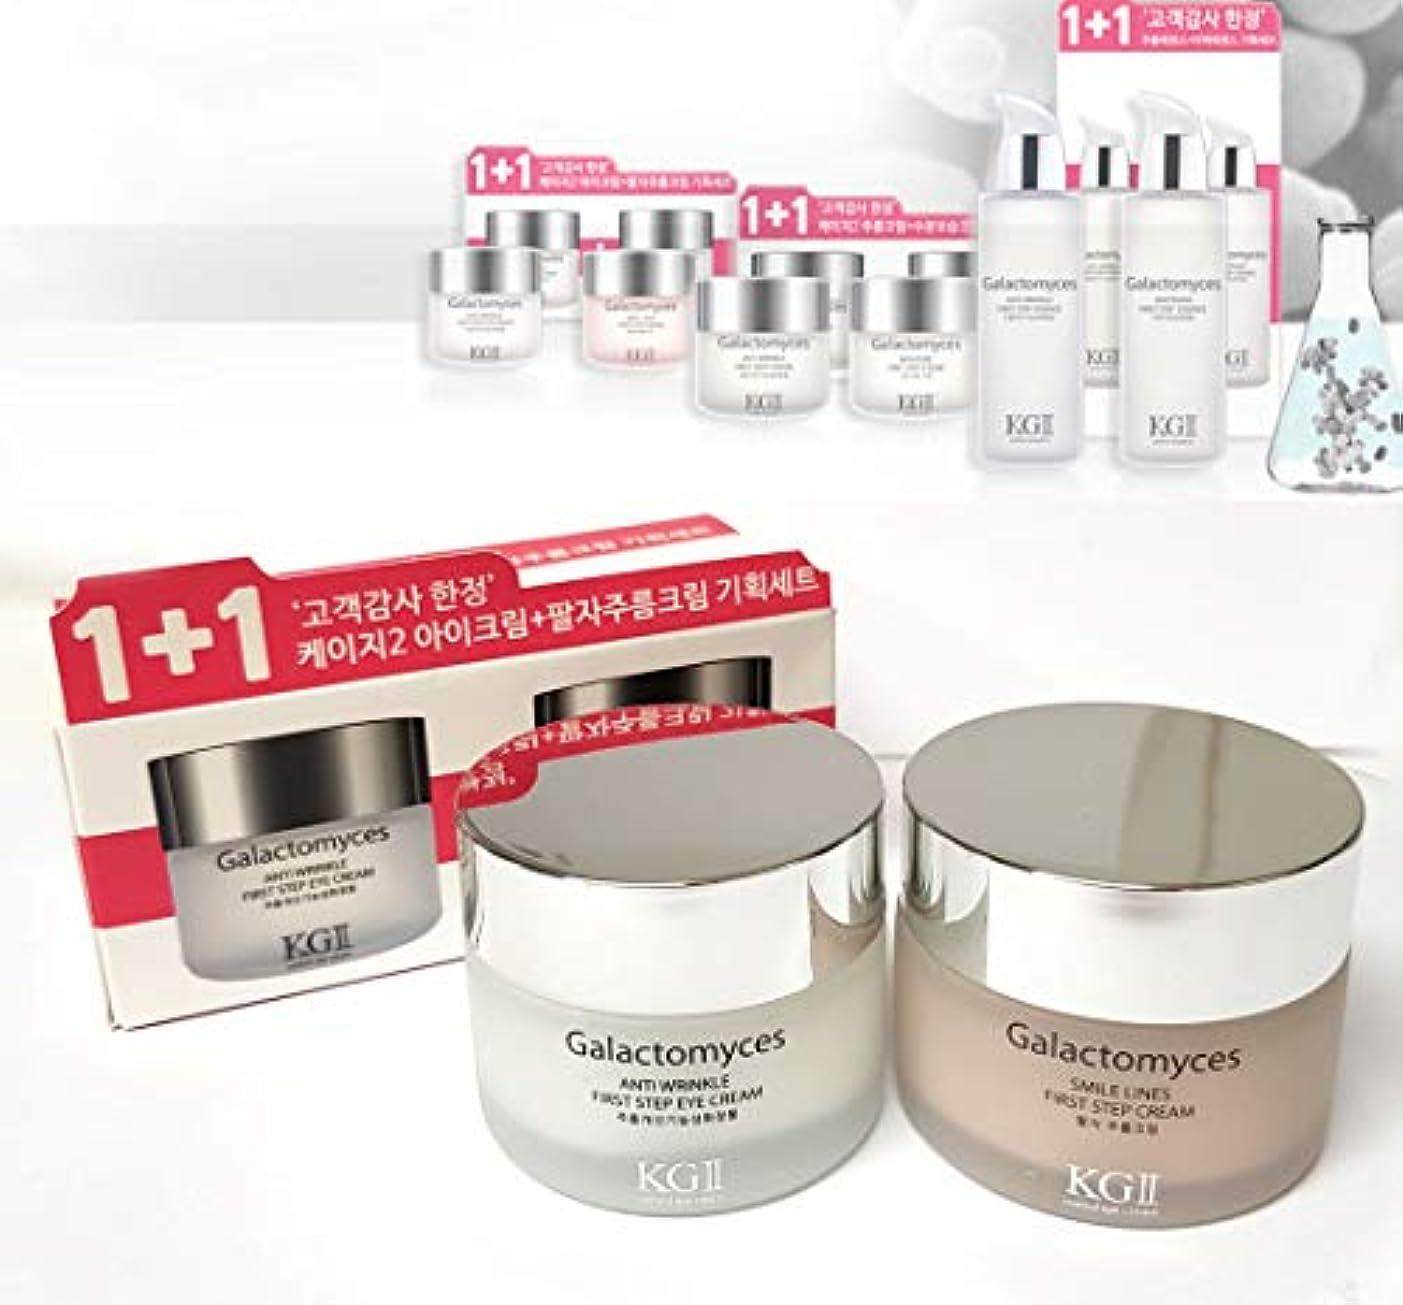 アーサー地理カヌー[KG2] ガラクトミセスファーストステップアイクリーム30ml +スマイルラインズクリーム30mlセット / Galactomyces First Step Eye Cream 30ml + Smile Lines Cream...